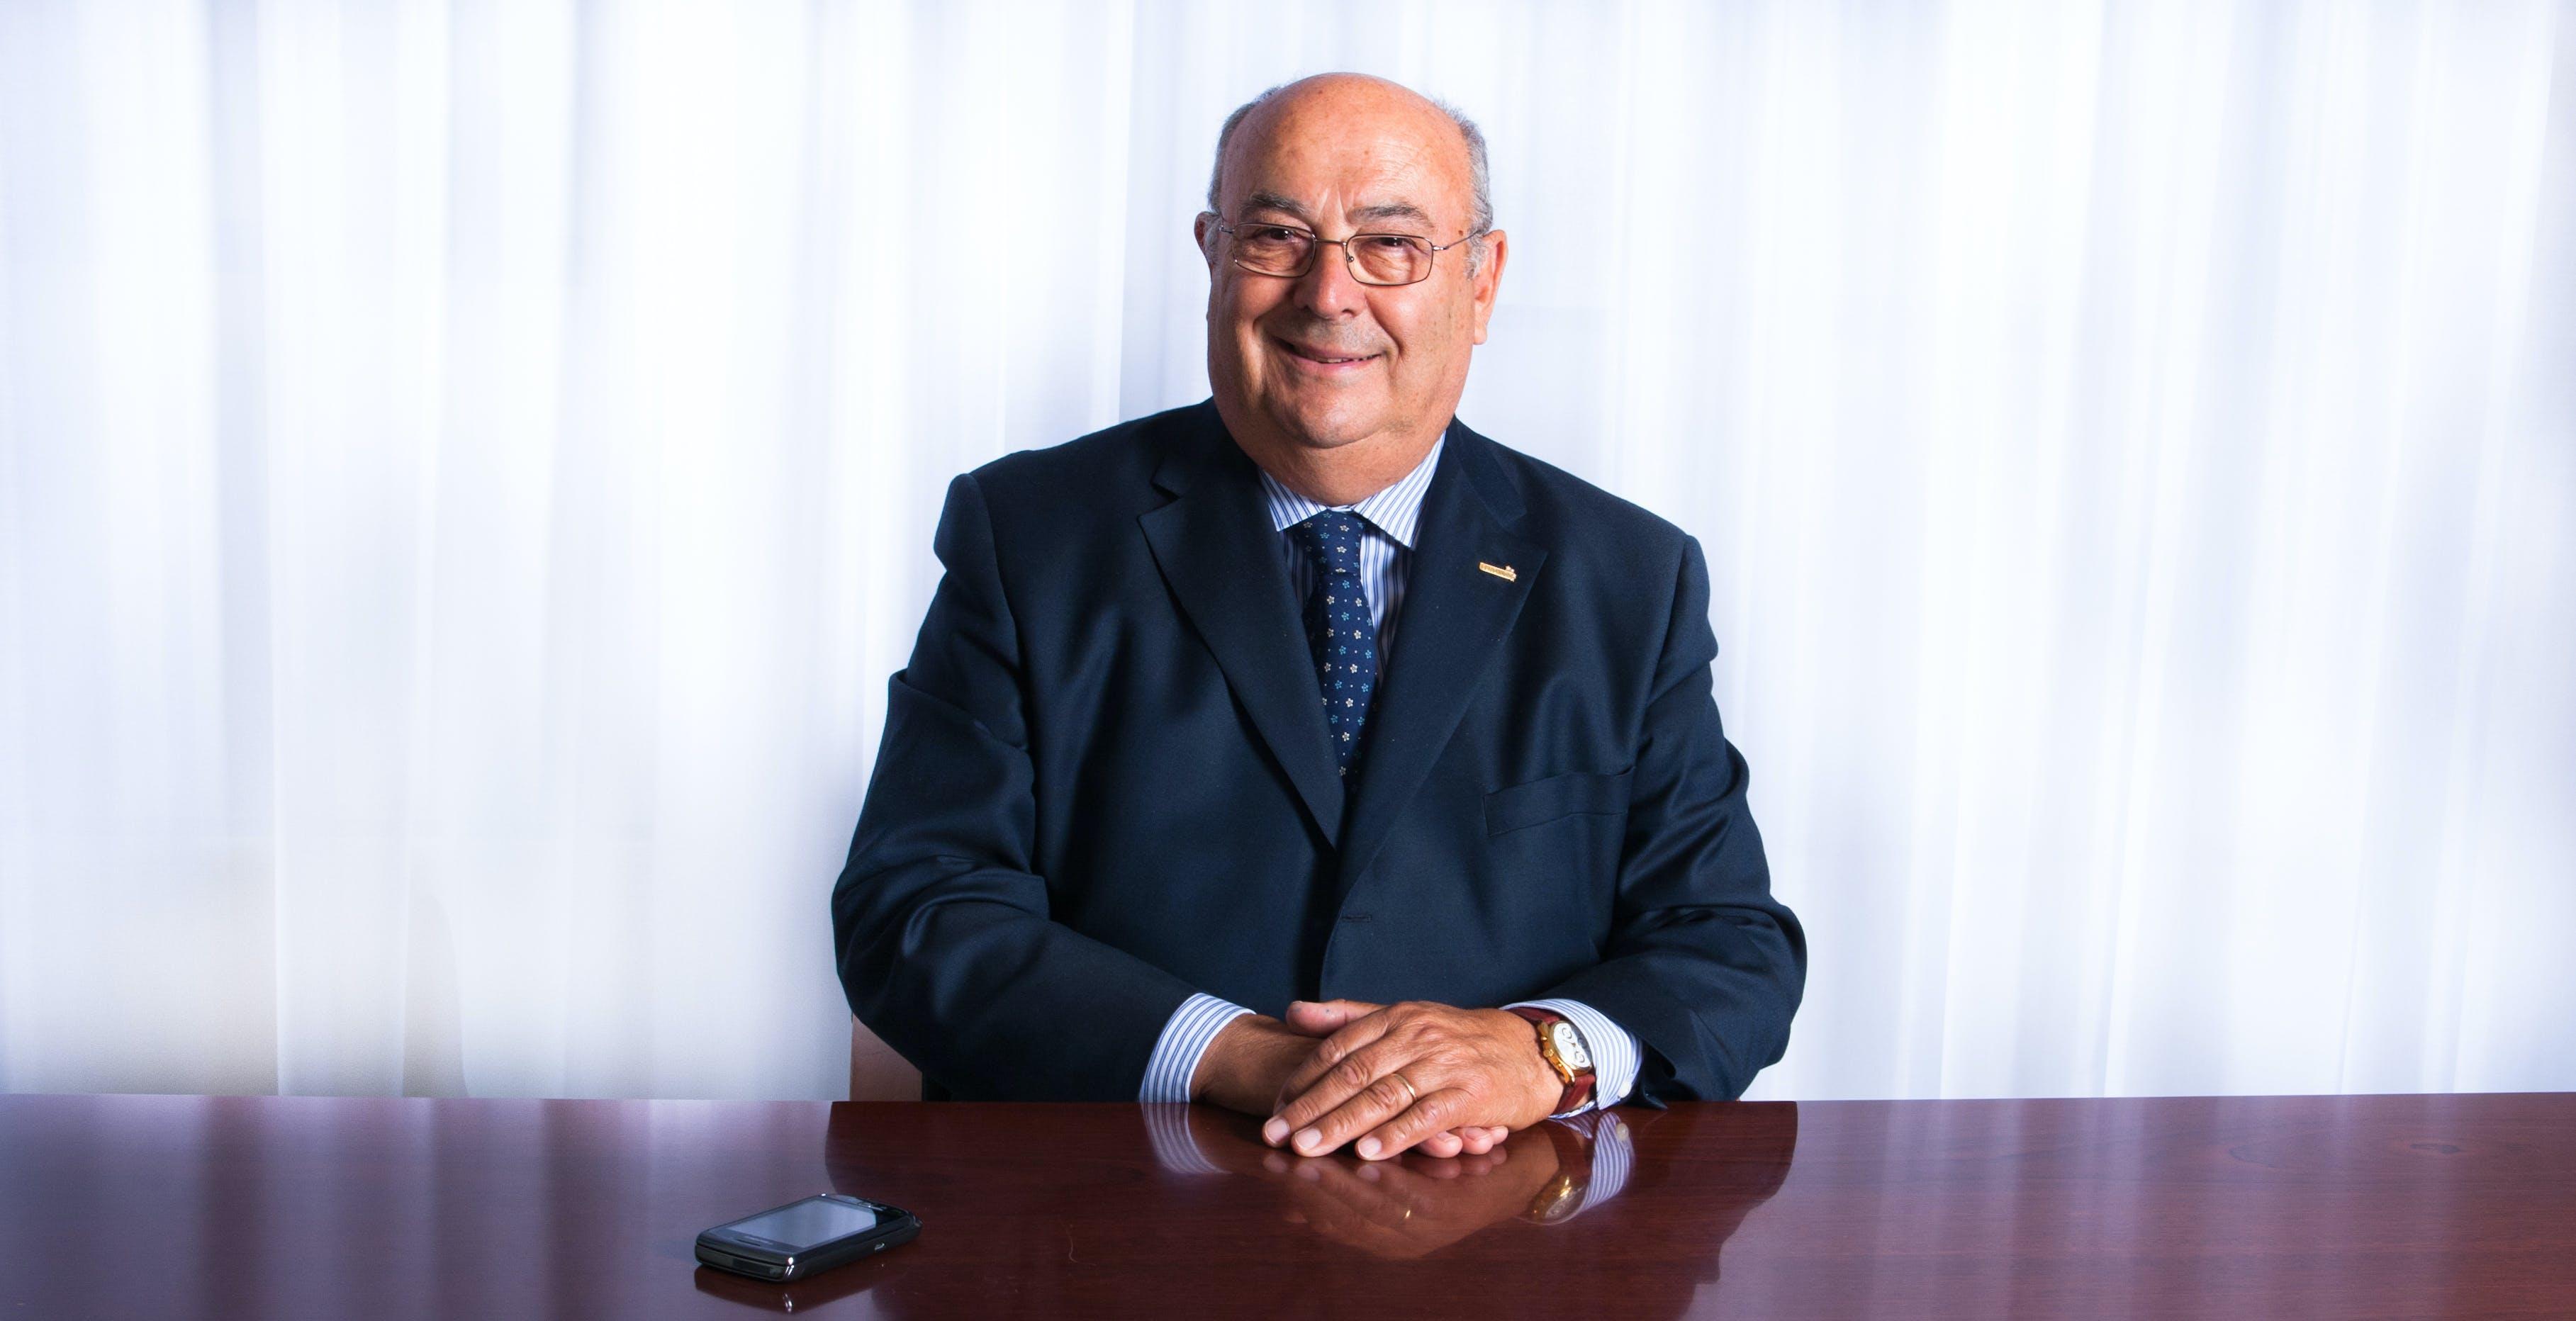 Addio ad Albino Sonato, storico presidente di Euronics e Aires. Più di tutti ha creduto all'associazionismo